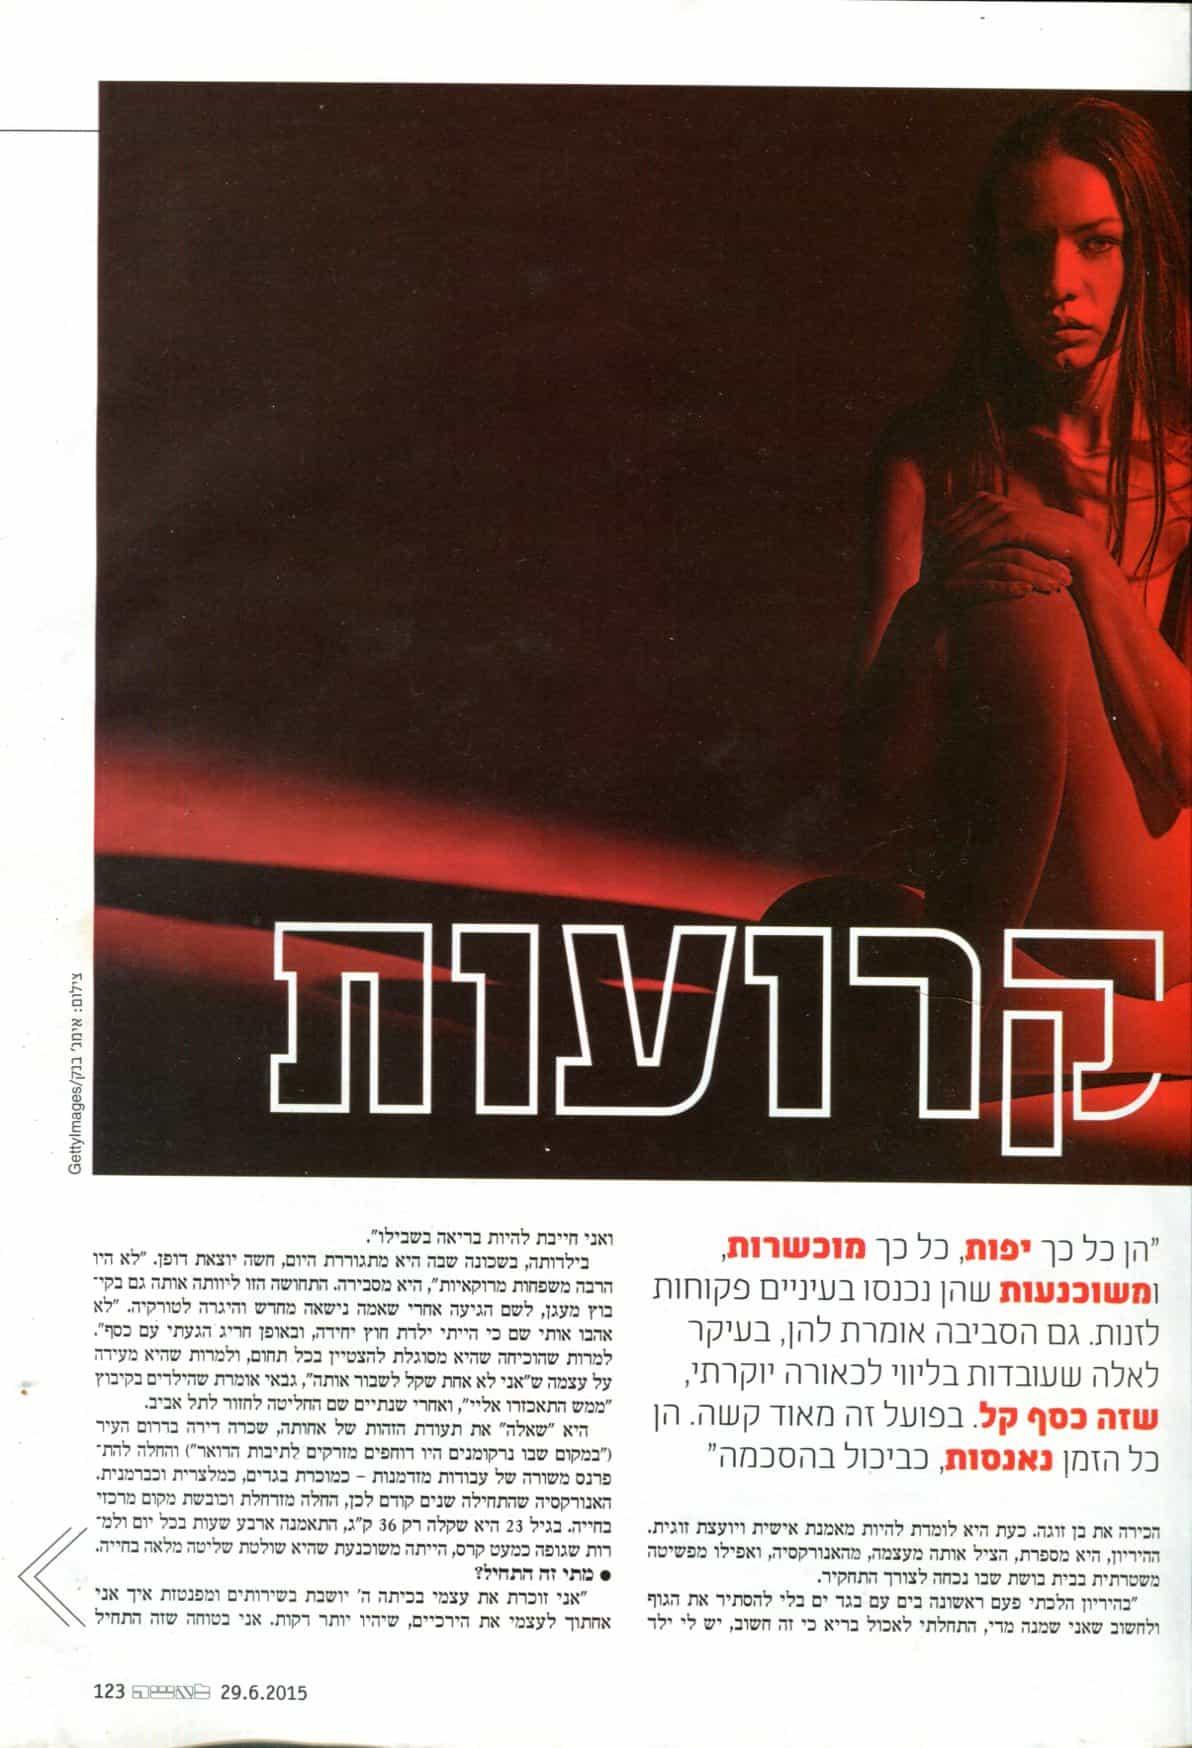 צילום של כתבה בעיתון לאישה Xnet - עמוד 2